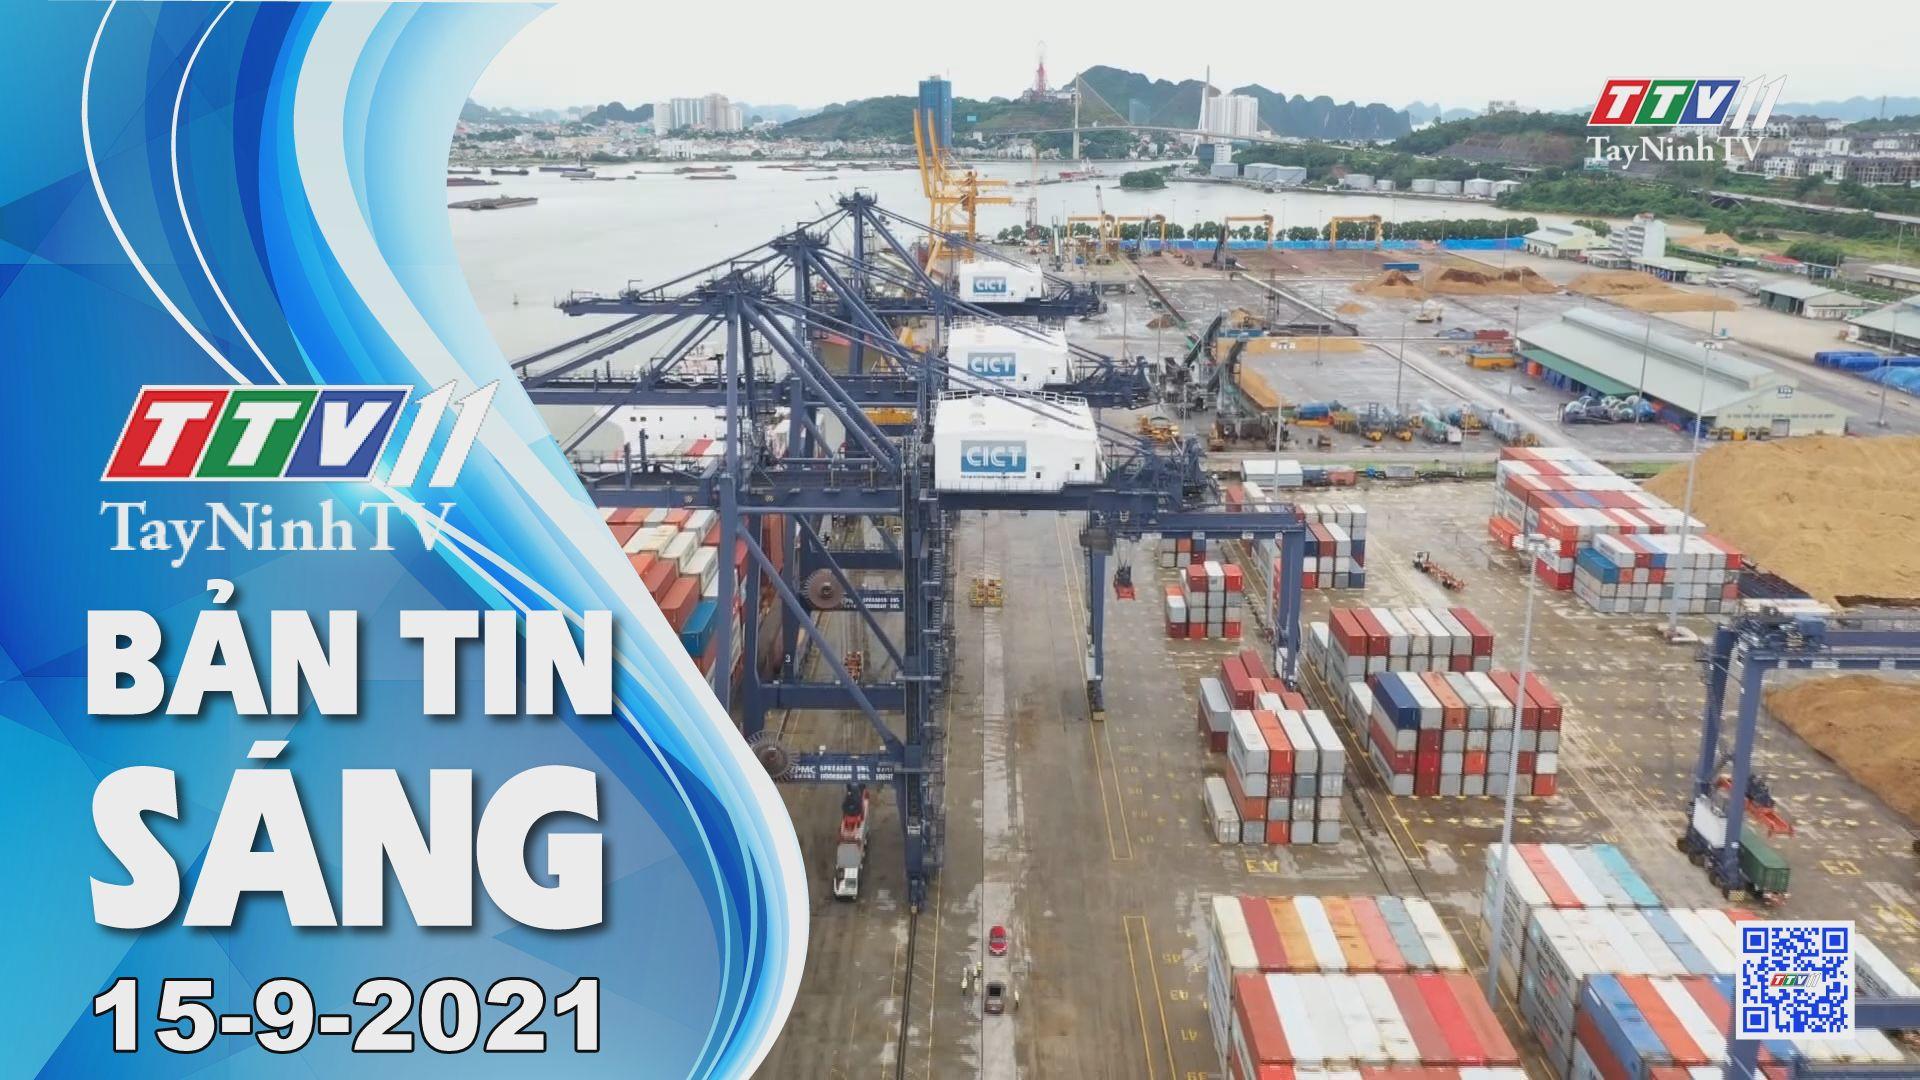 Bản tin sáng 15-9-2021 | Tin tức hôm nay | TayNinhTV